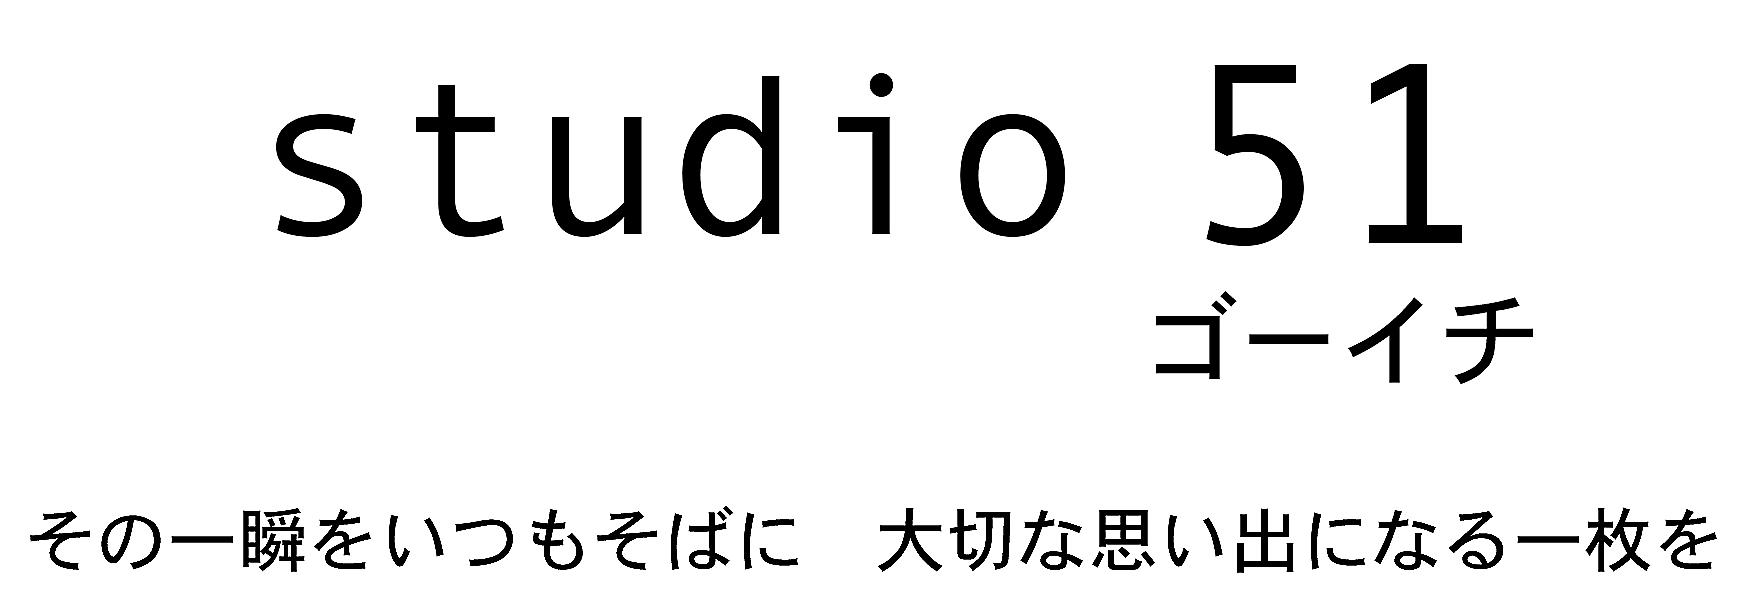 studio51